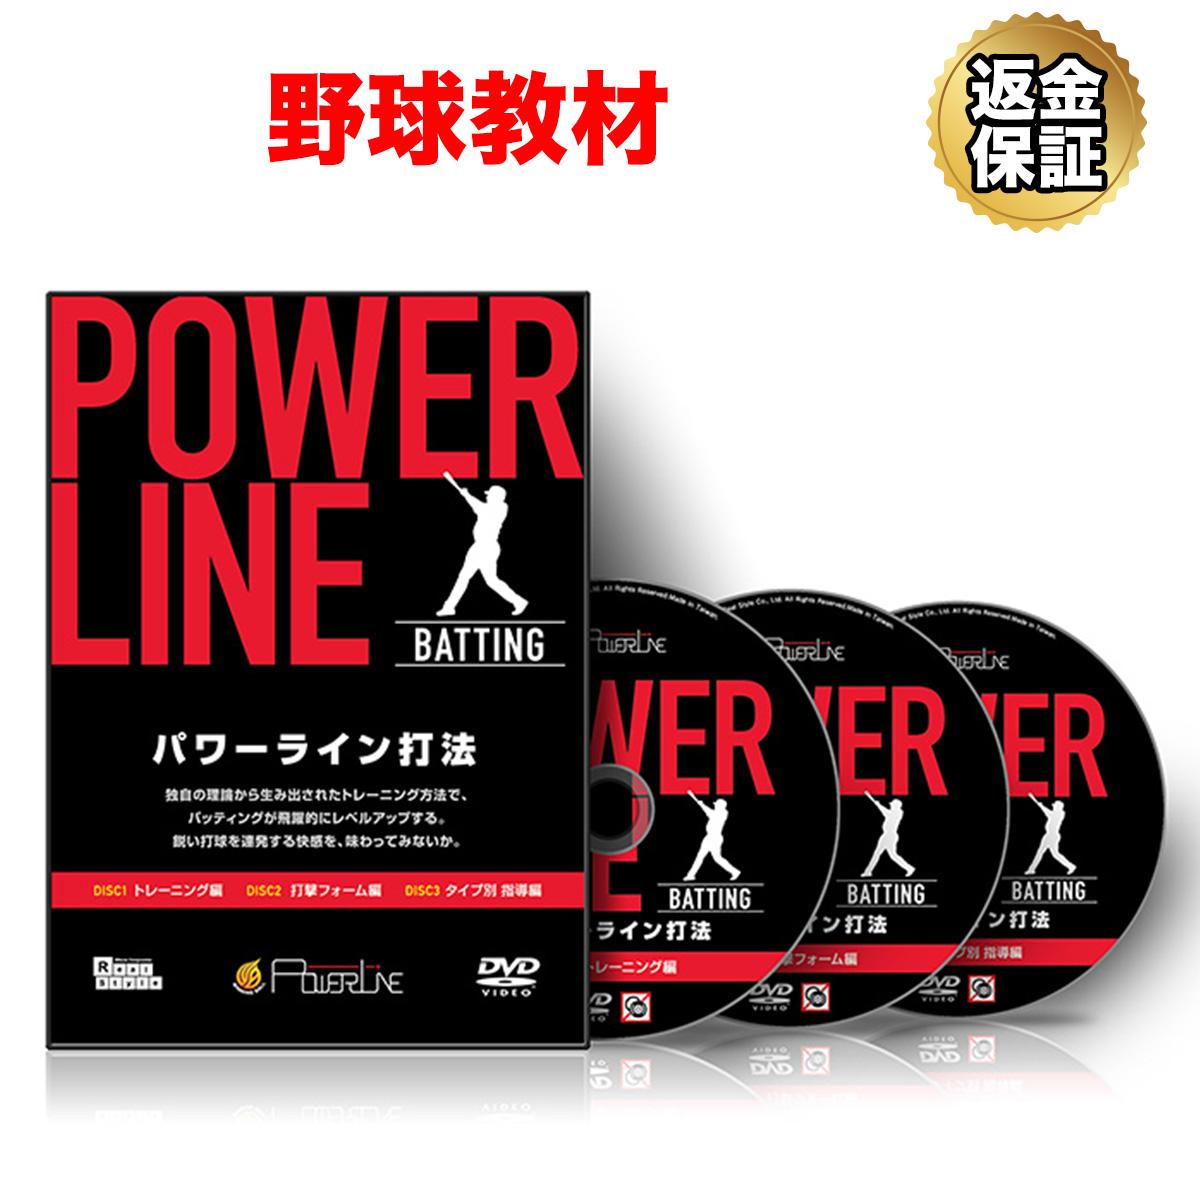 【野球】POWER LINE打法 ~「タメ」と「カベ」を作り、飛距離をアップさせる方法~